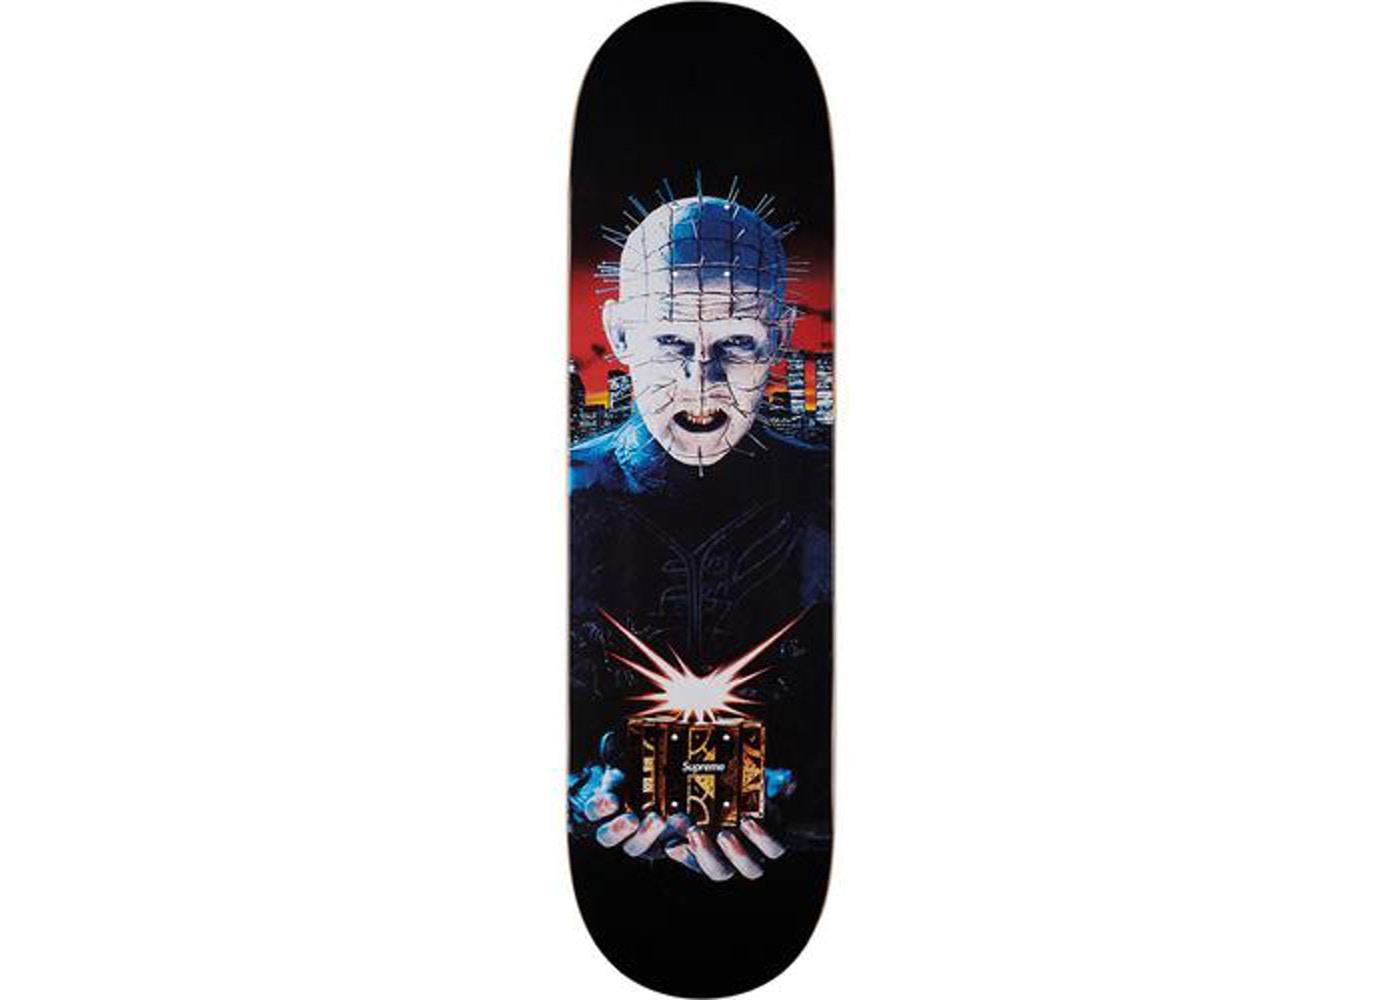 a704a9e5 Supreme skateboard decks skate skateboarding price retail for sale